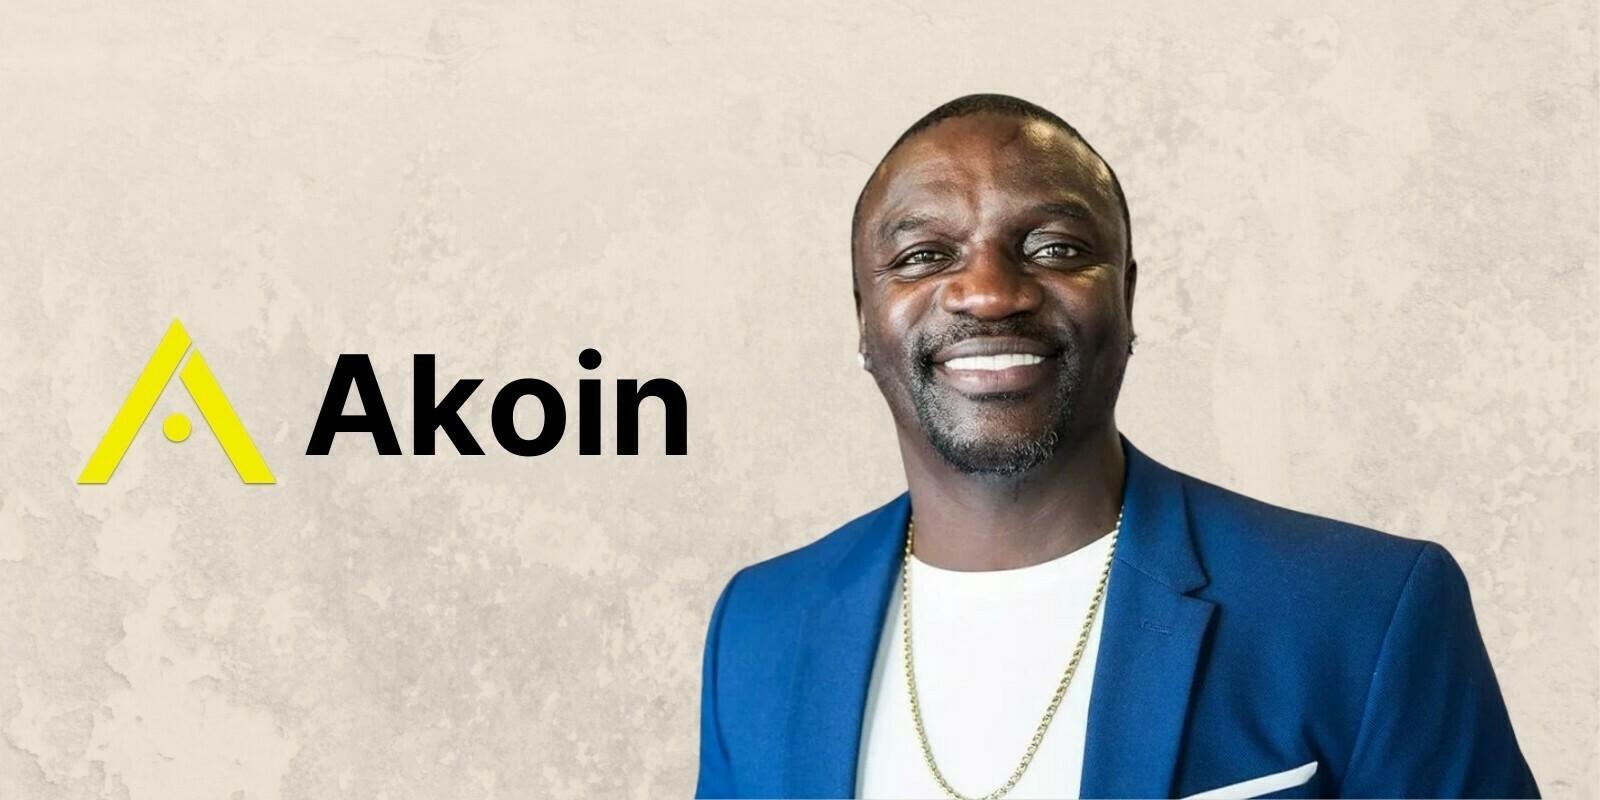 Après son projet de crypto-city, Akon déploie sa cryptomonnaie dans un complexe hospitalier